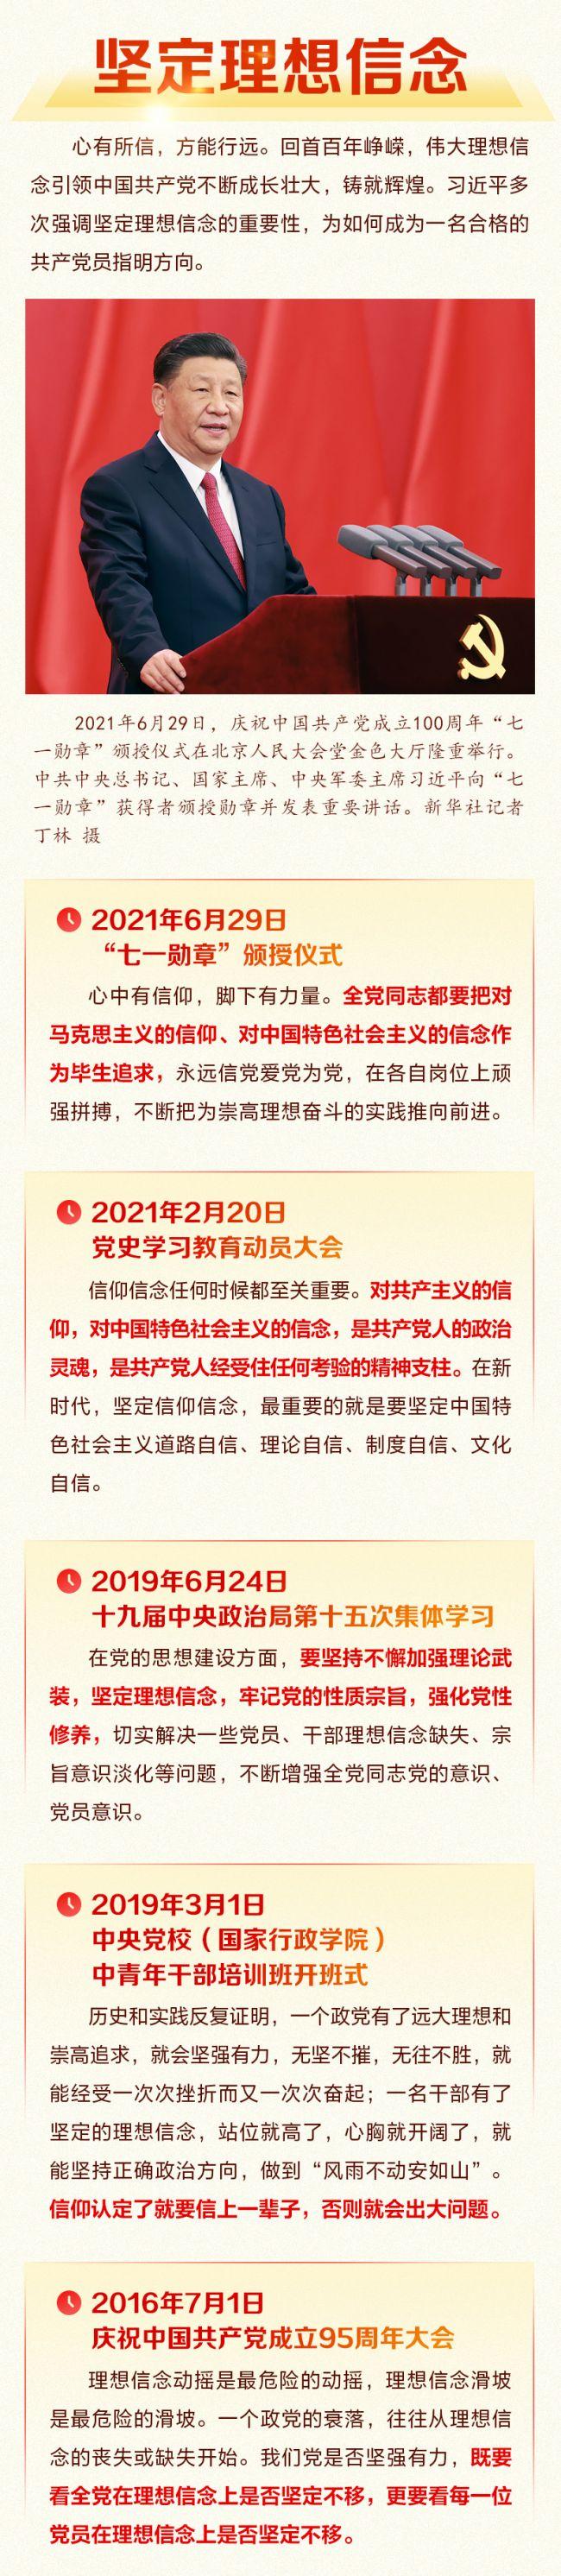 """《【恒达娱乐代理注册】习近平在""""七一""""讲话中发出的这个号召 全体中国共产党员要牢记》"""